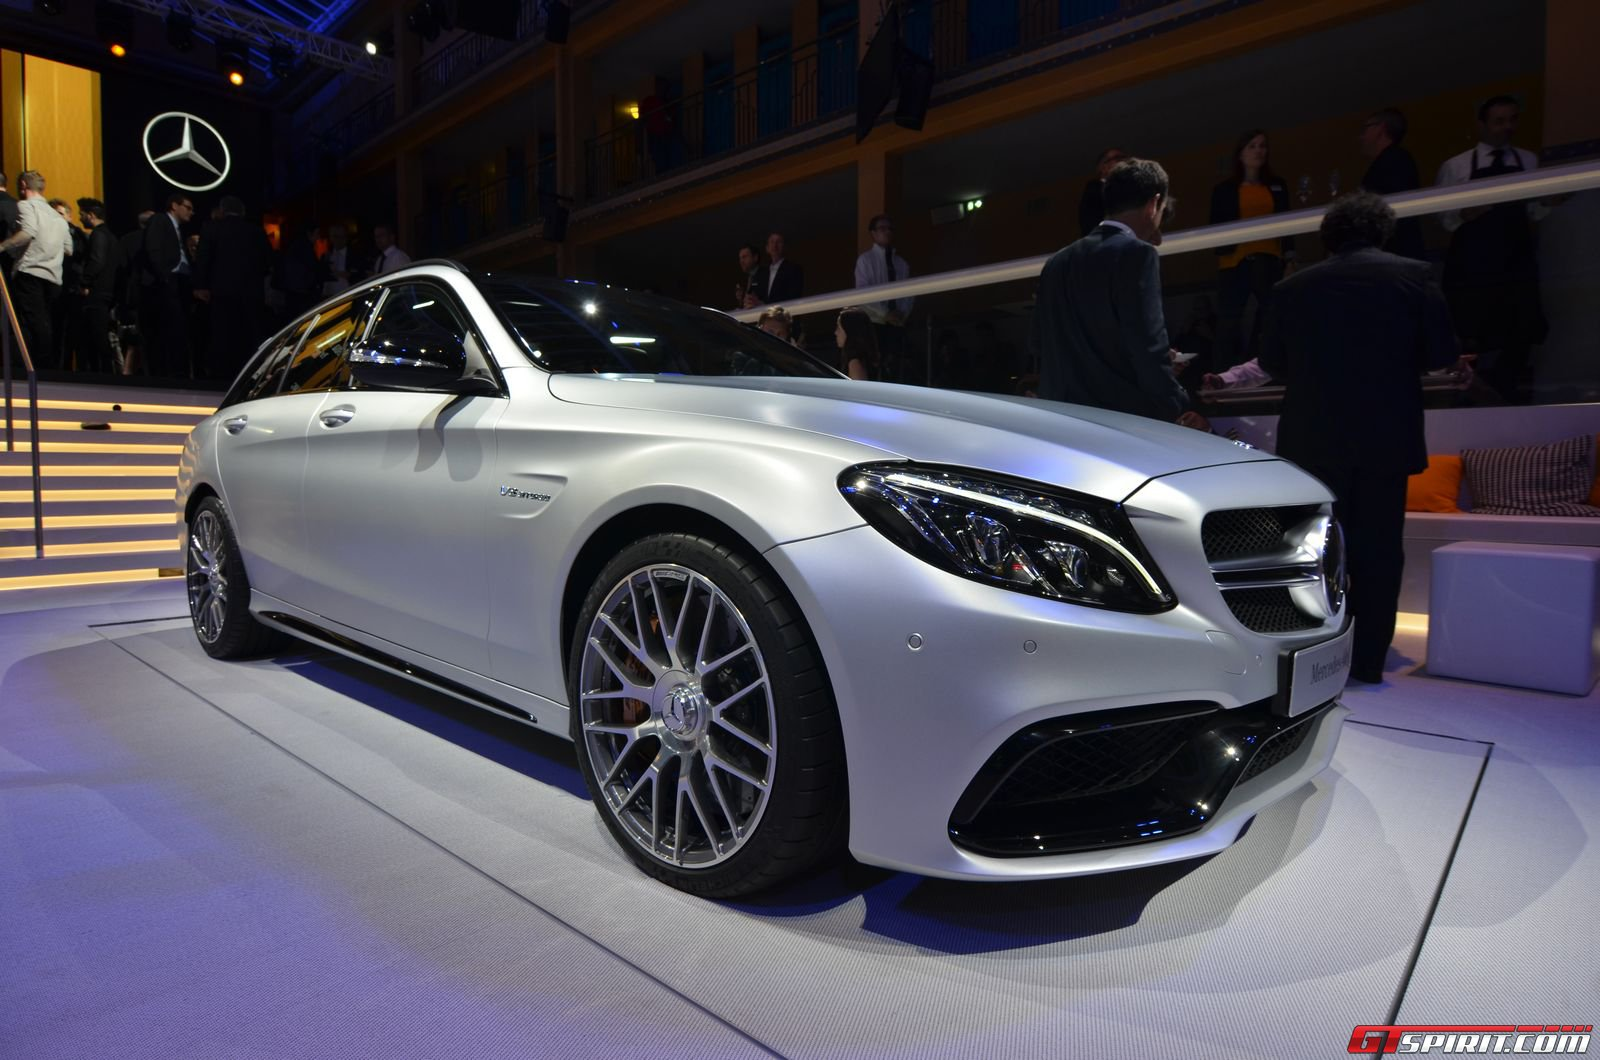 Paris 2014 2015 mercedes amg c63 and c63 s gtspirit for Mercedes benz c63 amg 2014